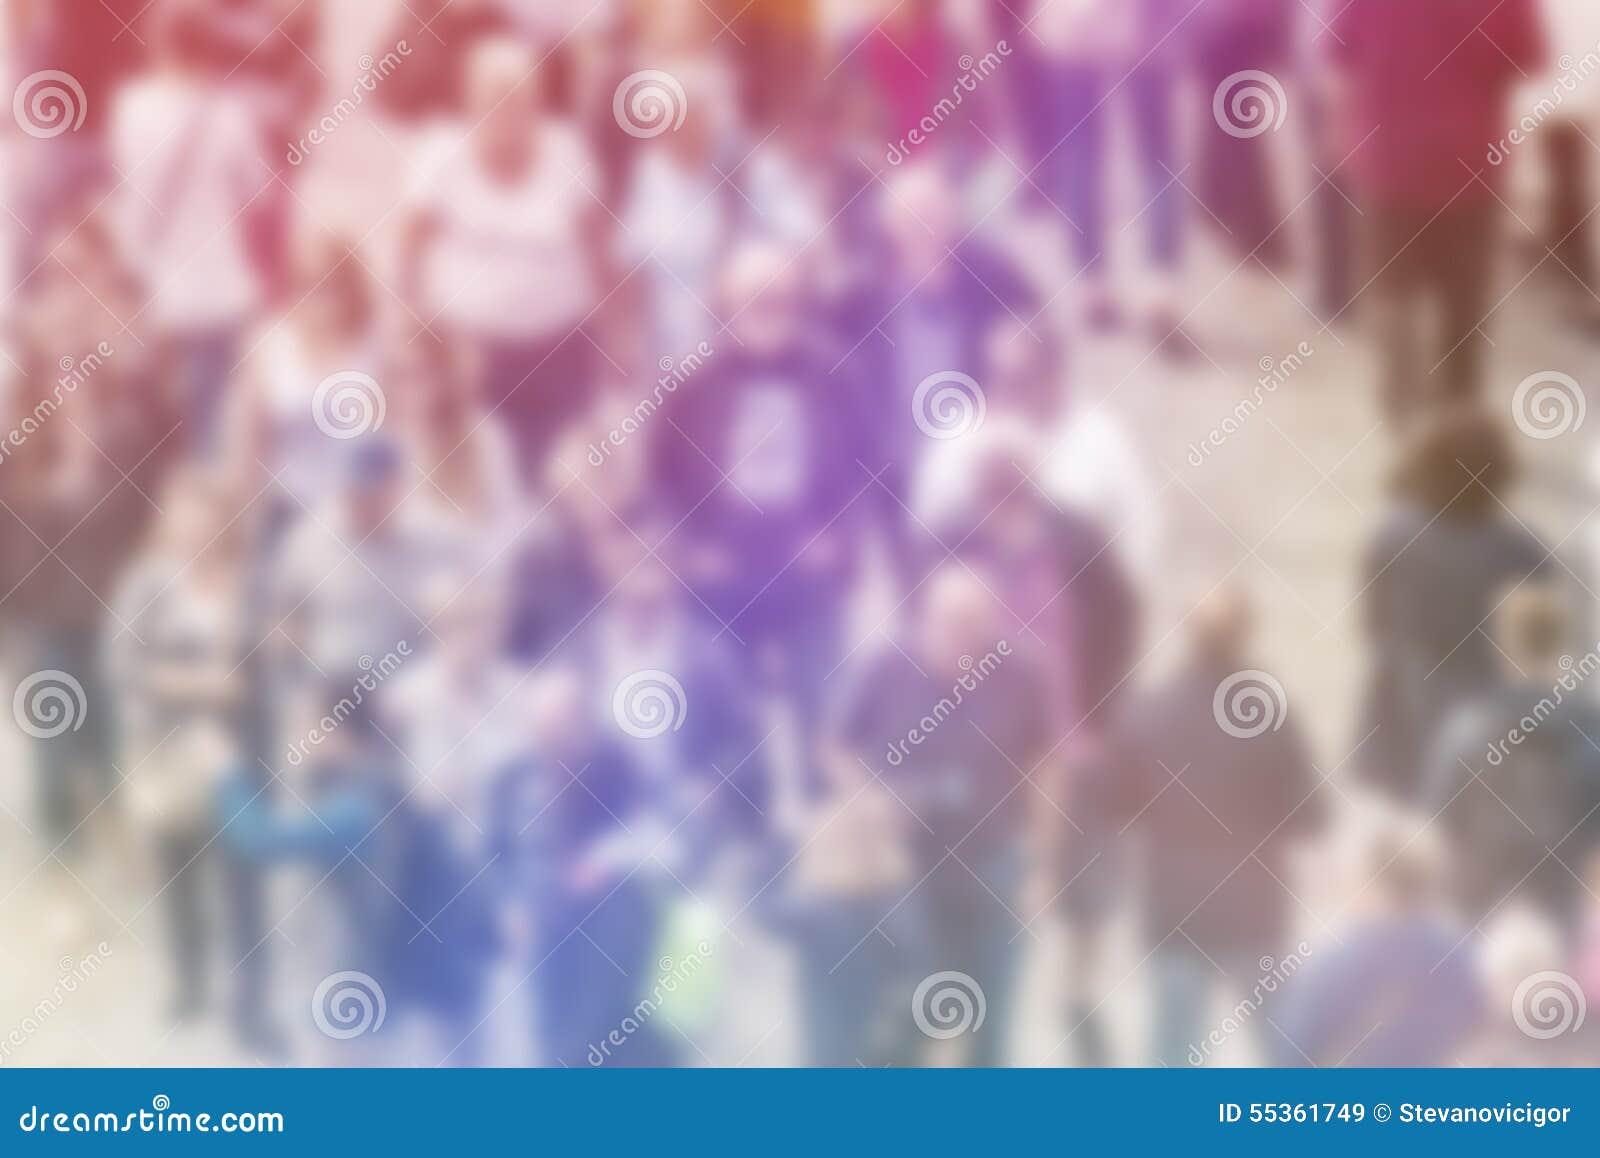 Fondo generale della sfuocatura di opinione pubblica, vista aerea della folla